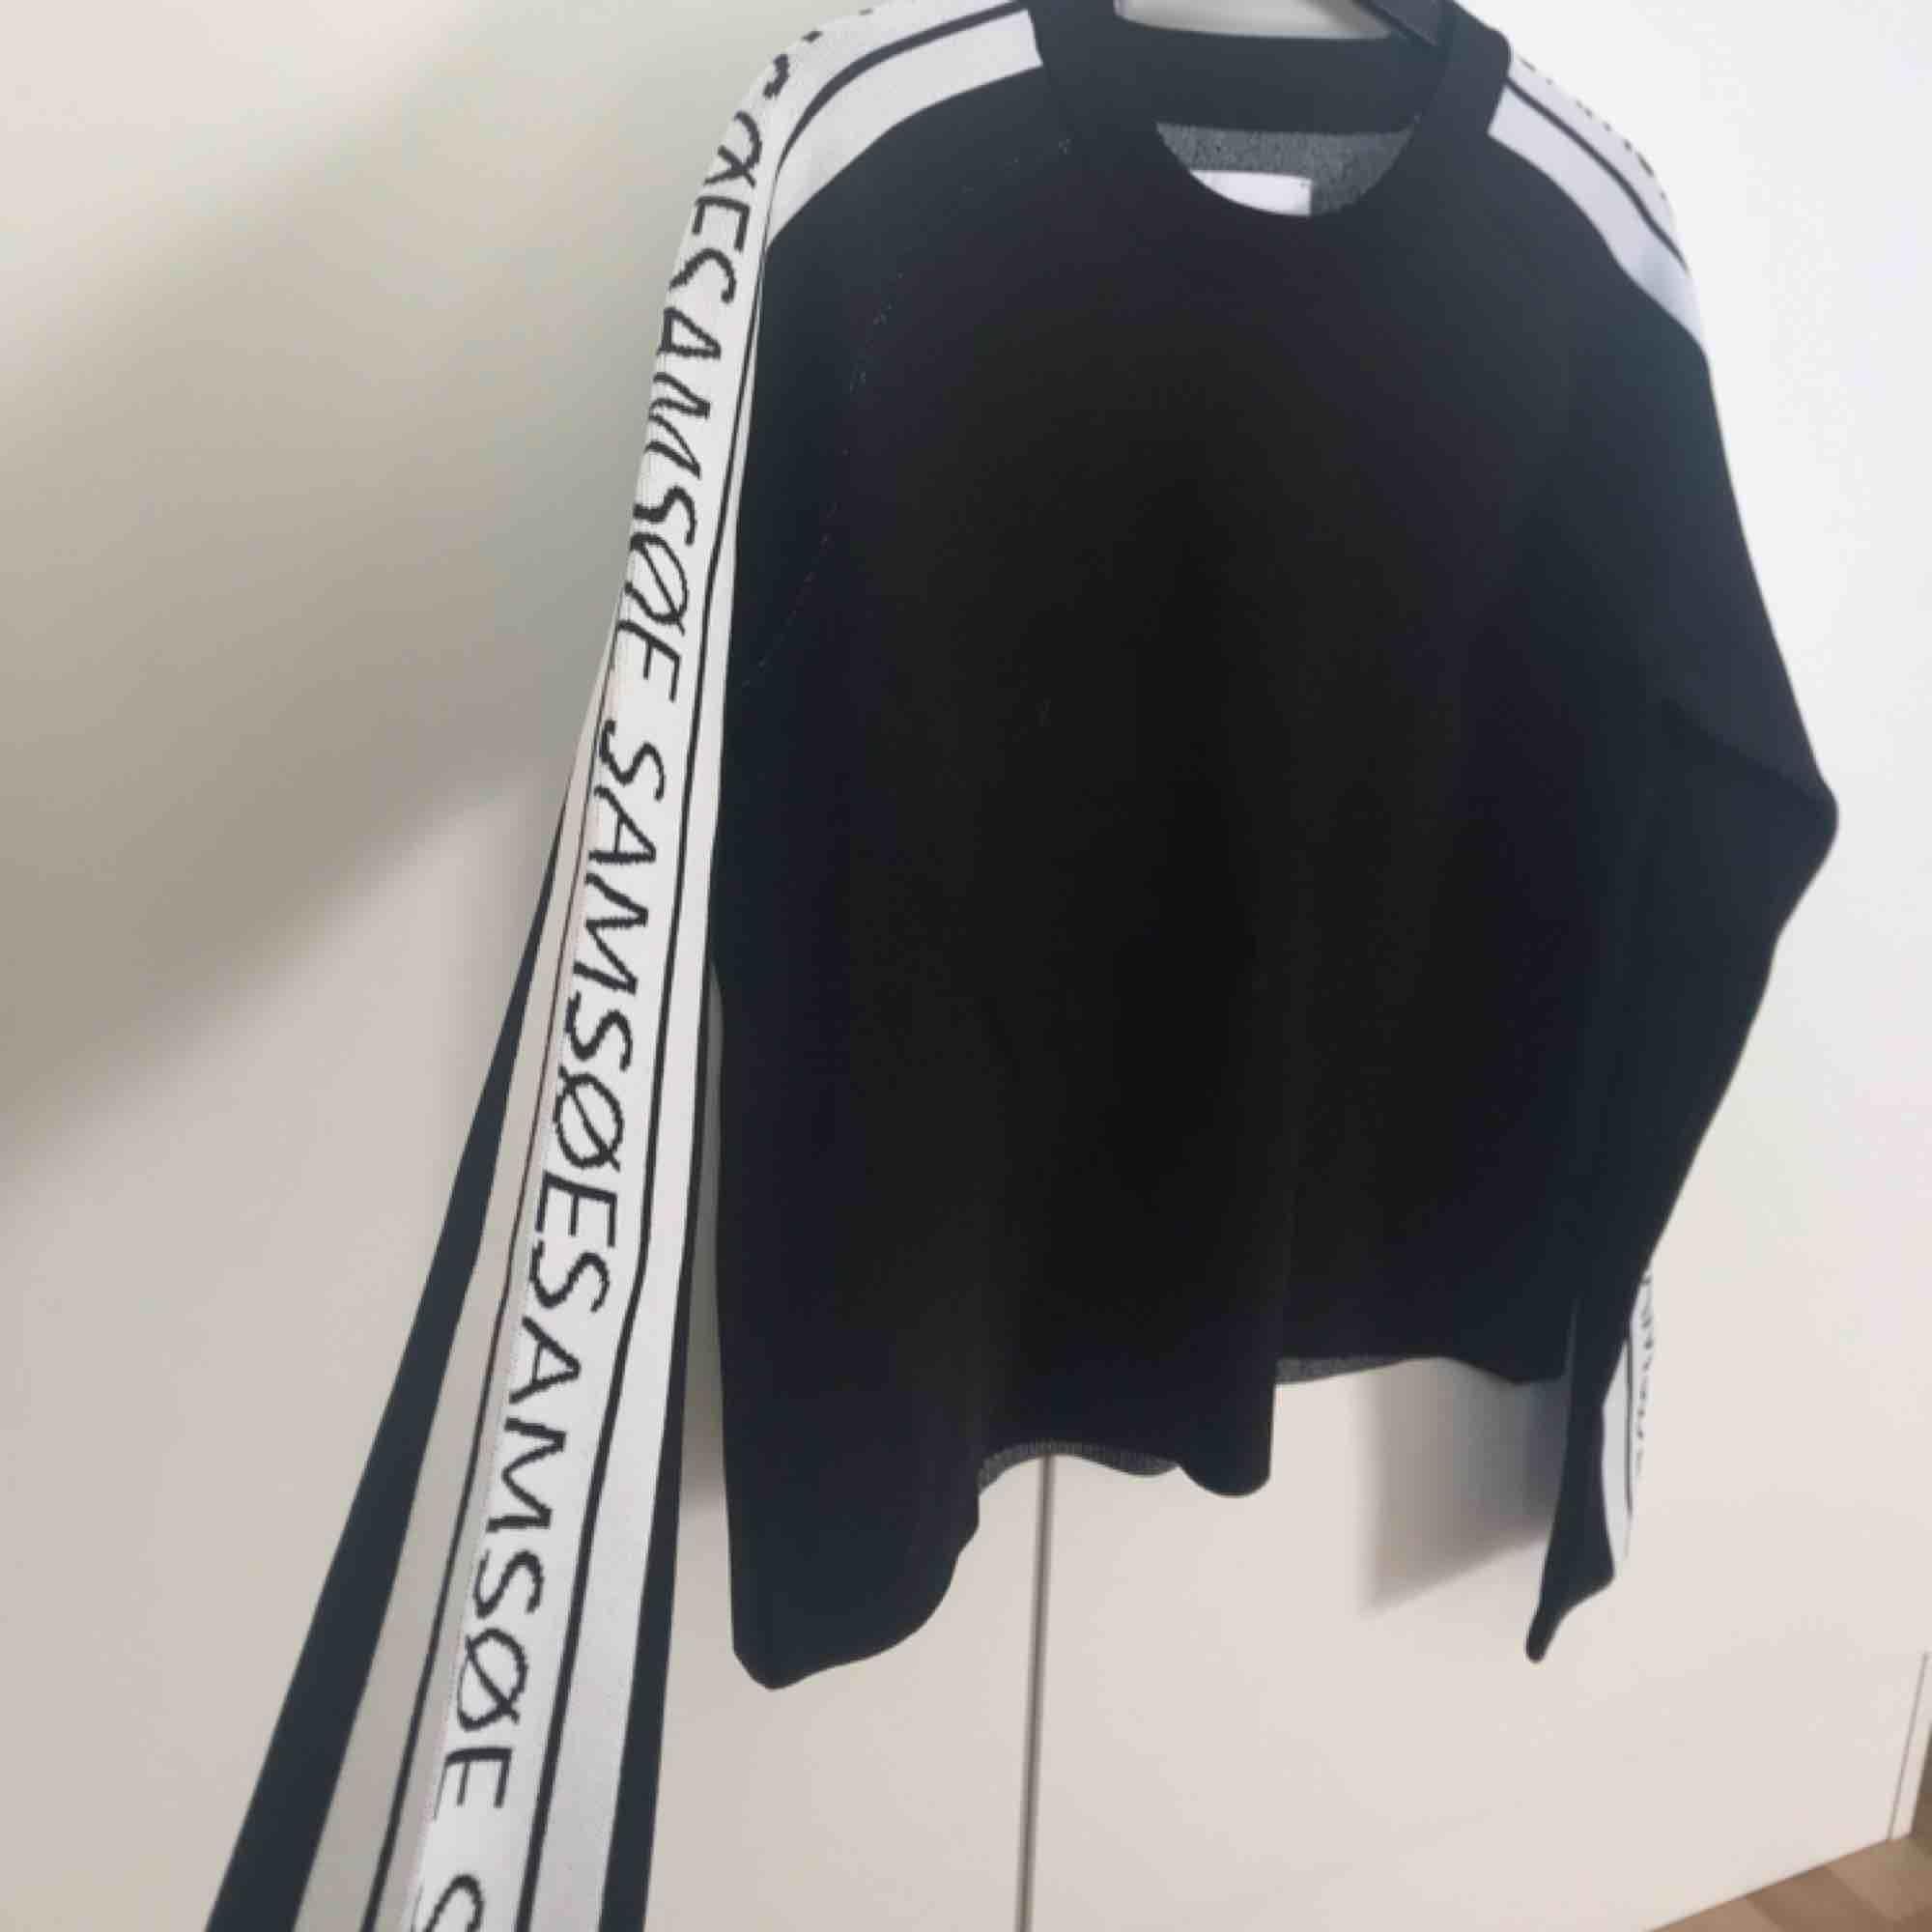 Super fin tröja, den är tyvärr aldrig använd. Prislappen sitter kvar.. Tröjor & Koftor.